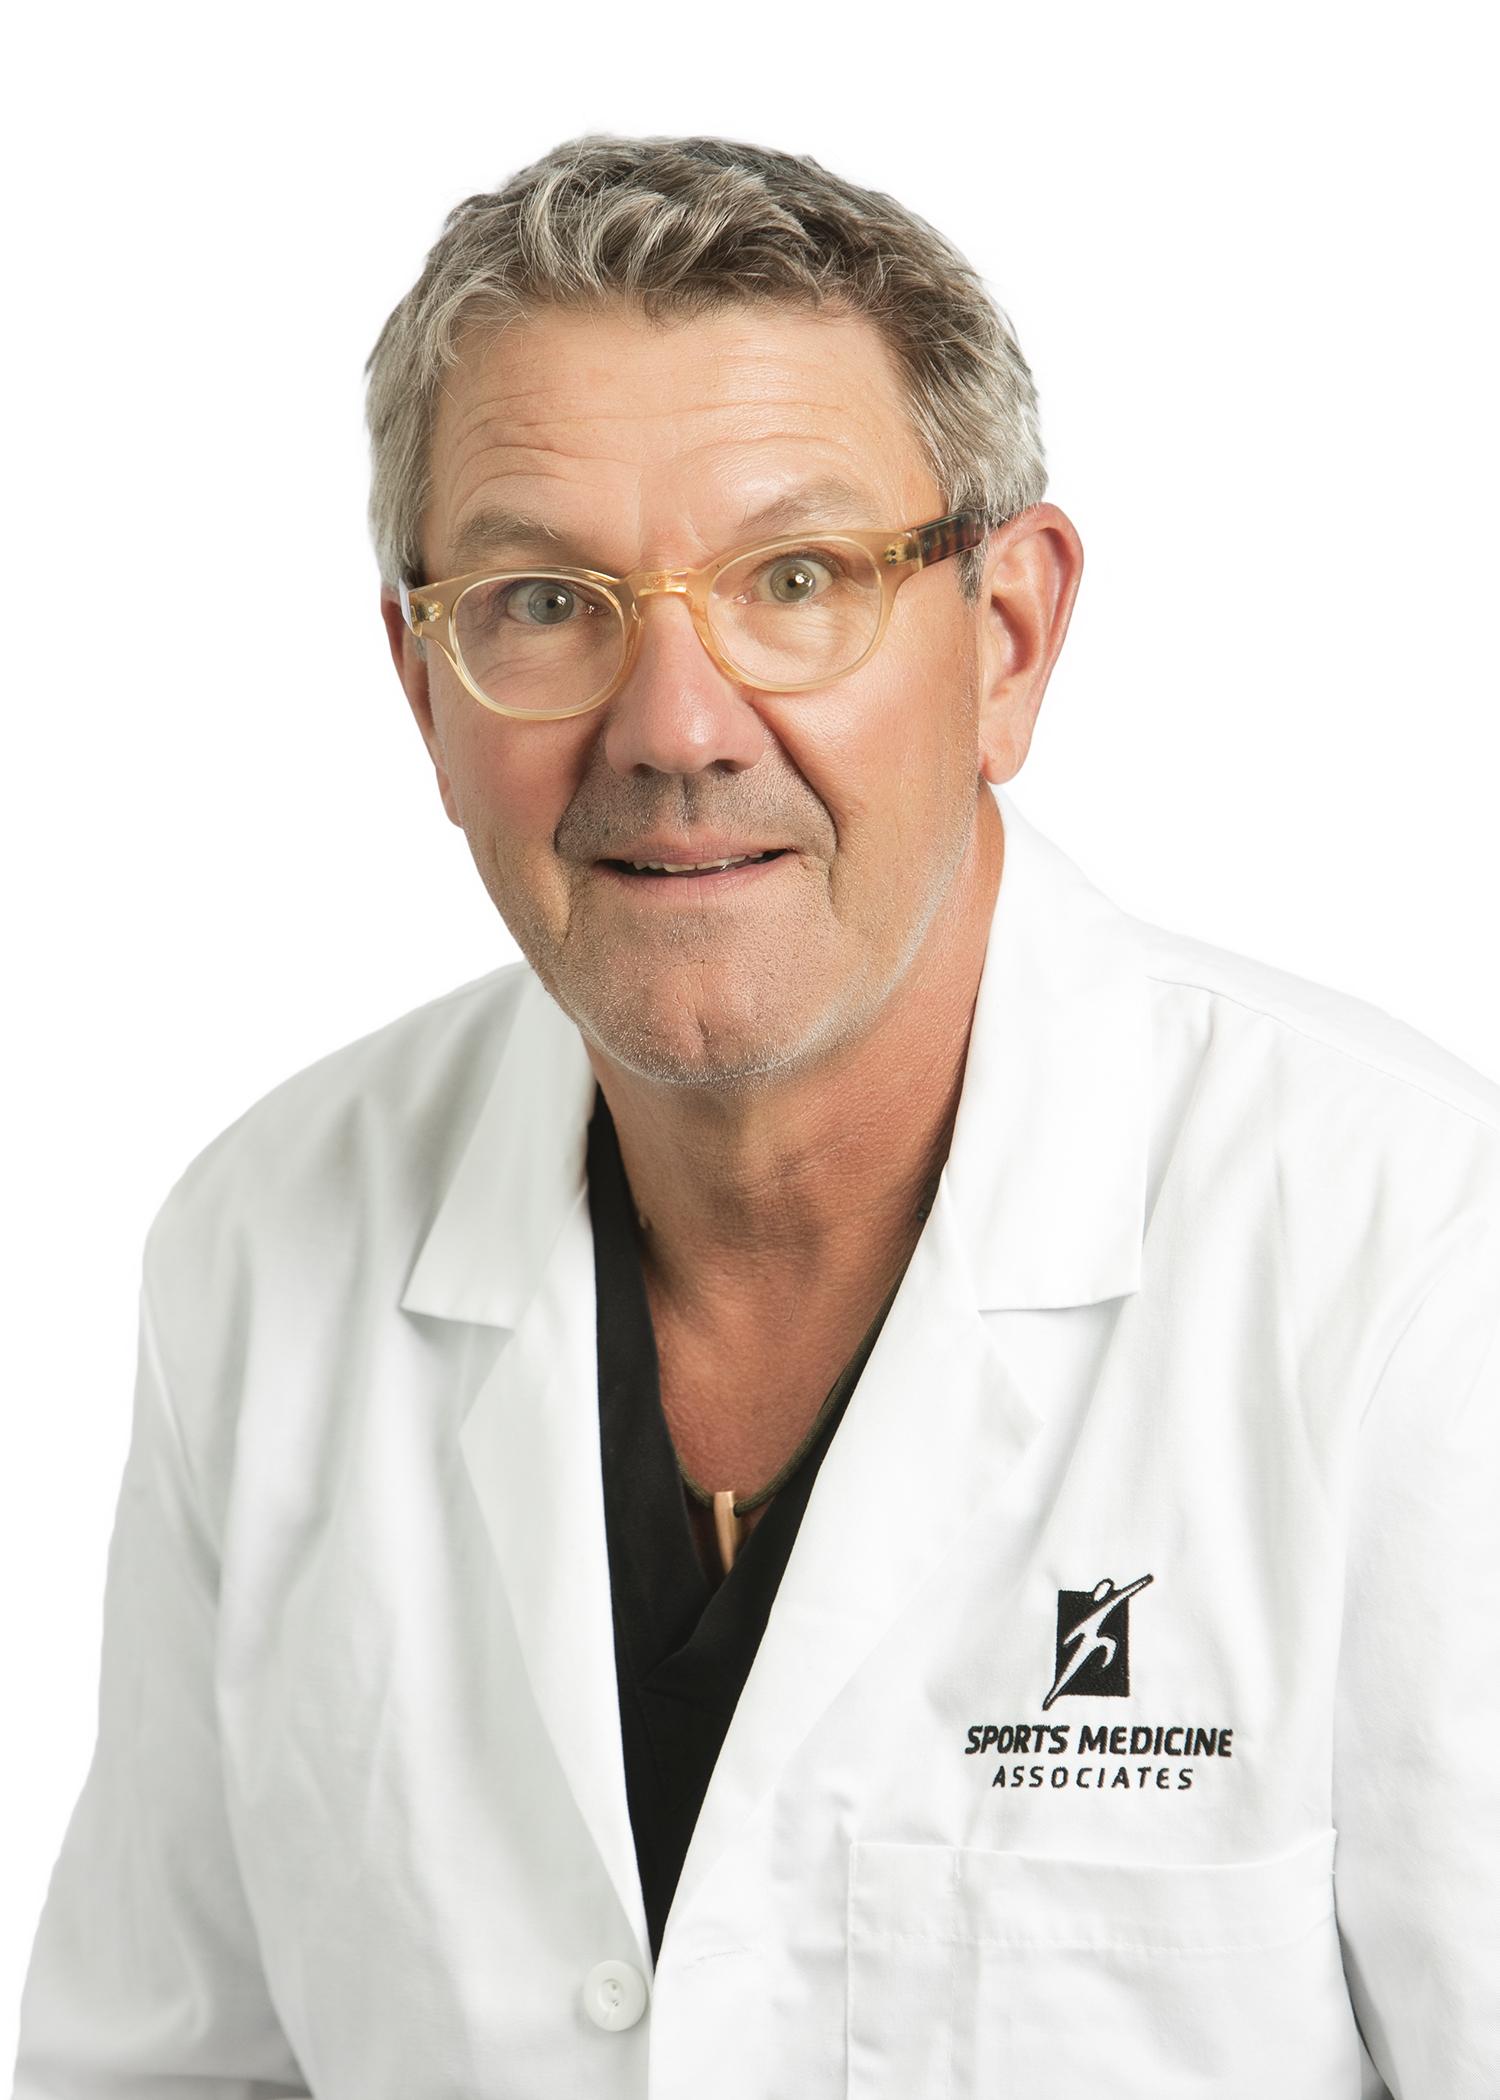 David Schmidt, M.D. - Board Certified Orthopedic Surgeon